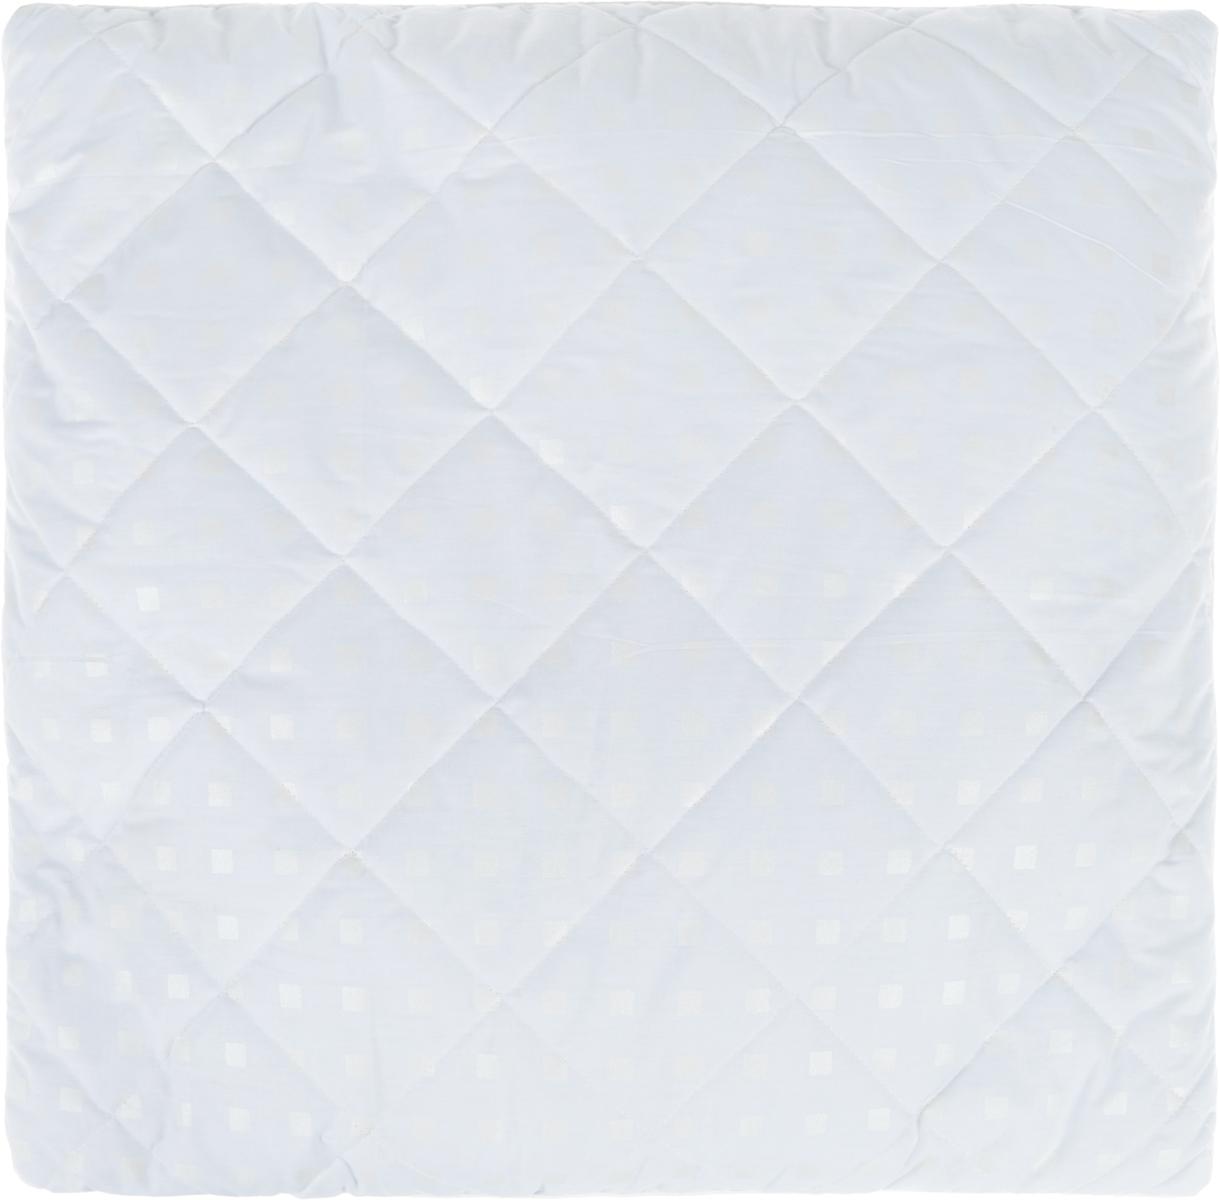 Подушка Bio-Teхtiles Сила природы, наполнитель: лузга гречихи, цвет: белый, 70 х 70 см биойогурт bio баланс злаки 1 5%